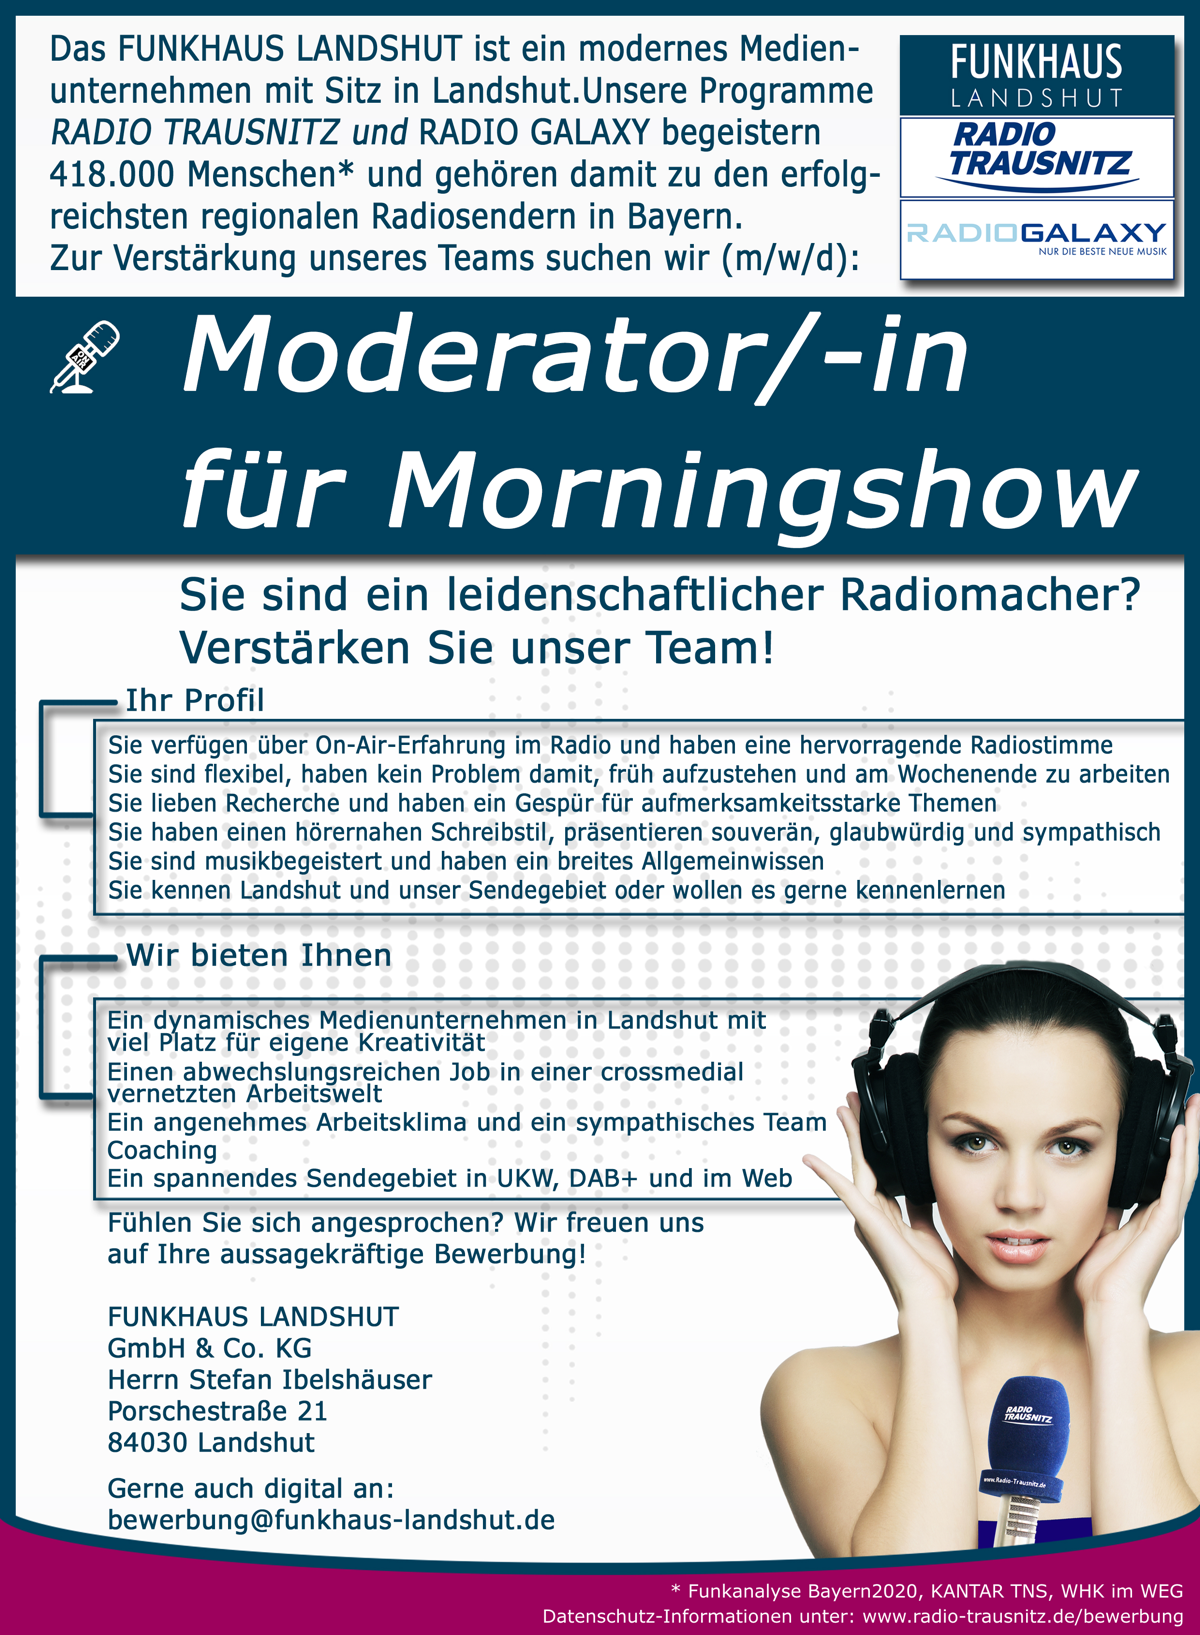 Funkhaus Landshut sucht Moderator/in für Morningshow (m/w/d)